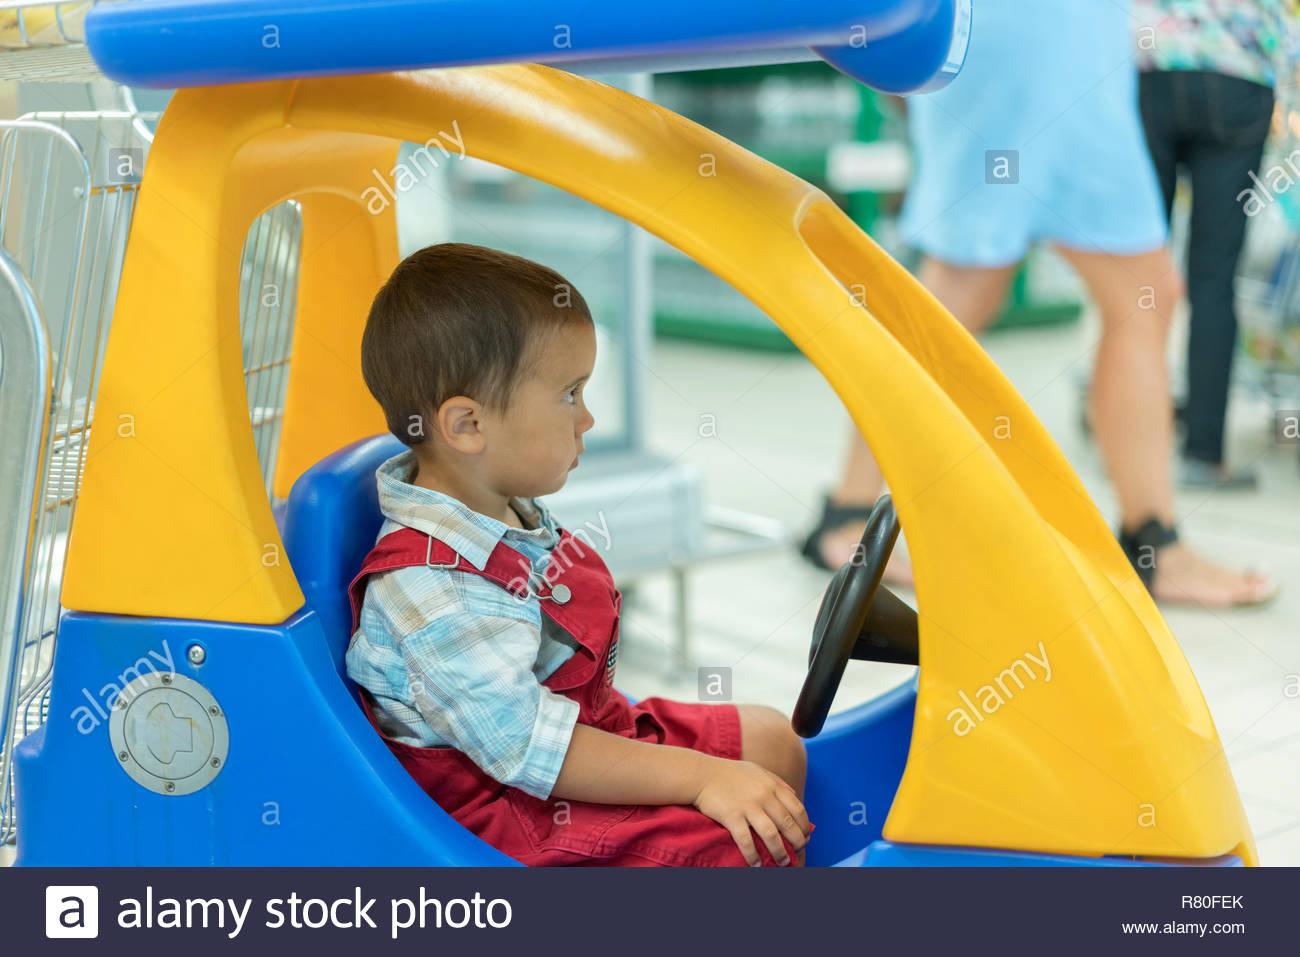 Adorable Petit 2 Ans Bébé Garçon Enfant Dans Le Petit Jouet intérieur Jouet 2 Ans Garçon